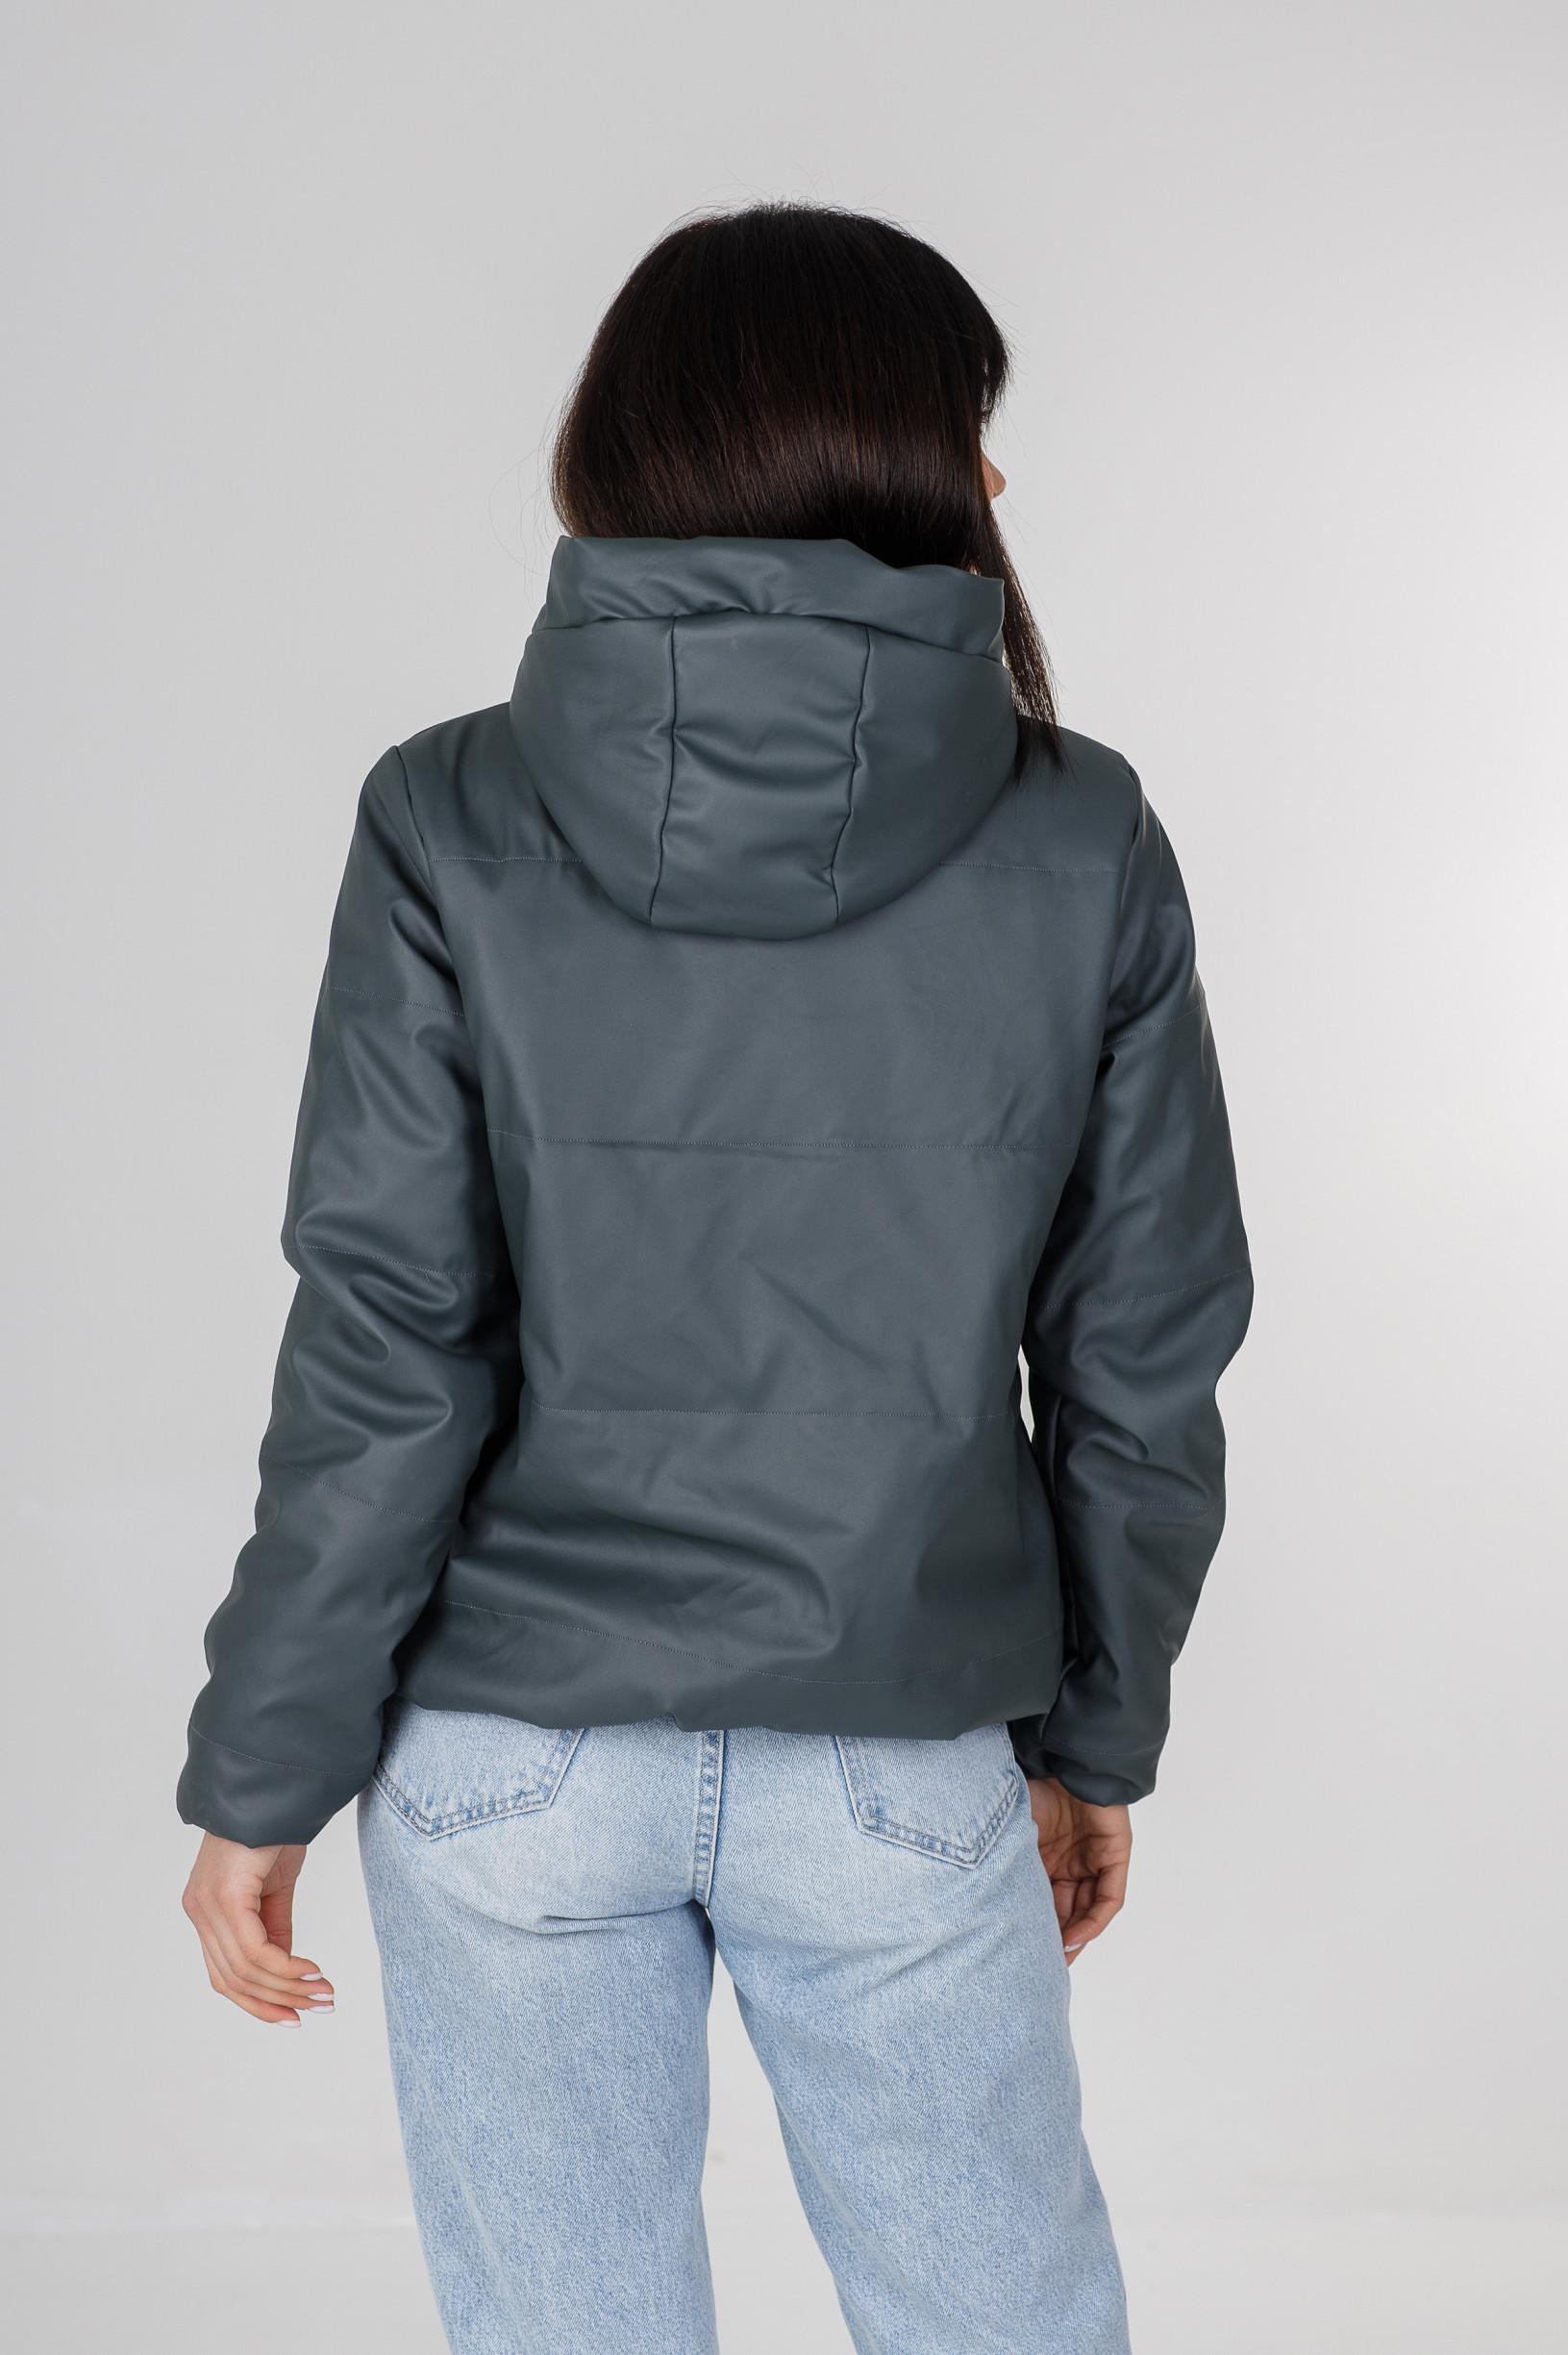 Синняя куртка из эко-кожи для девушки Франки